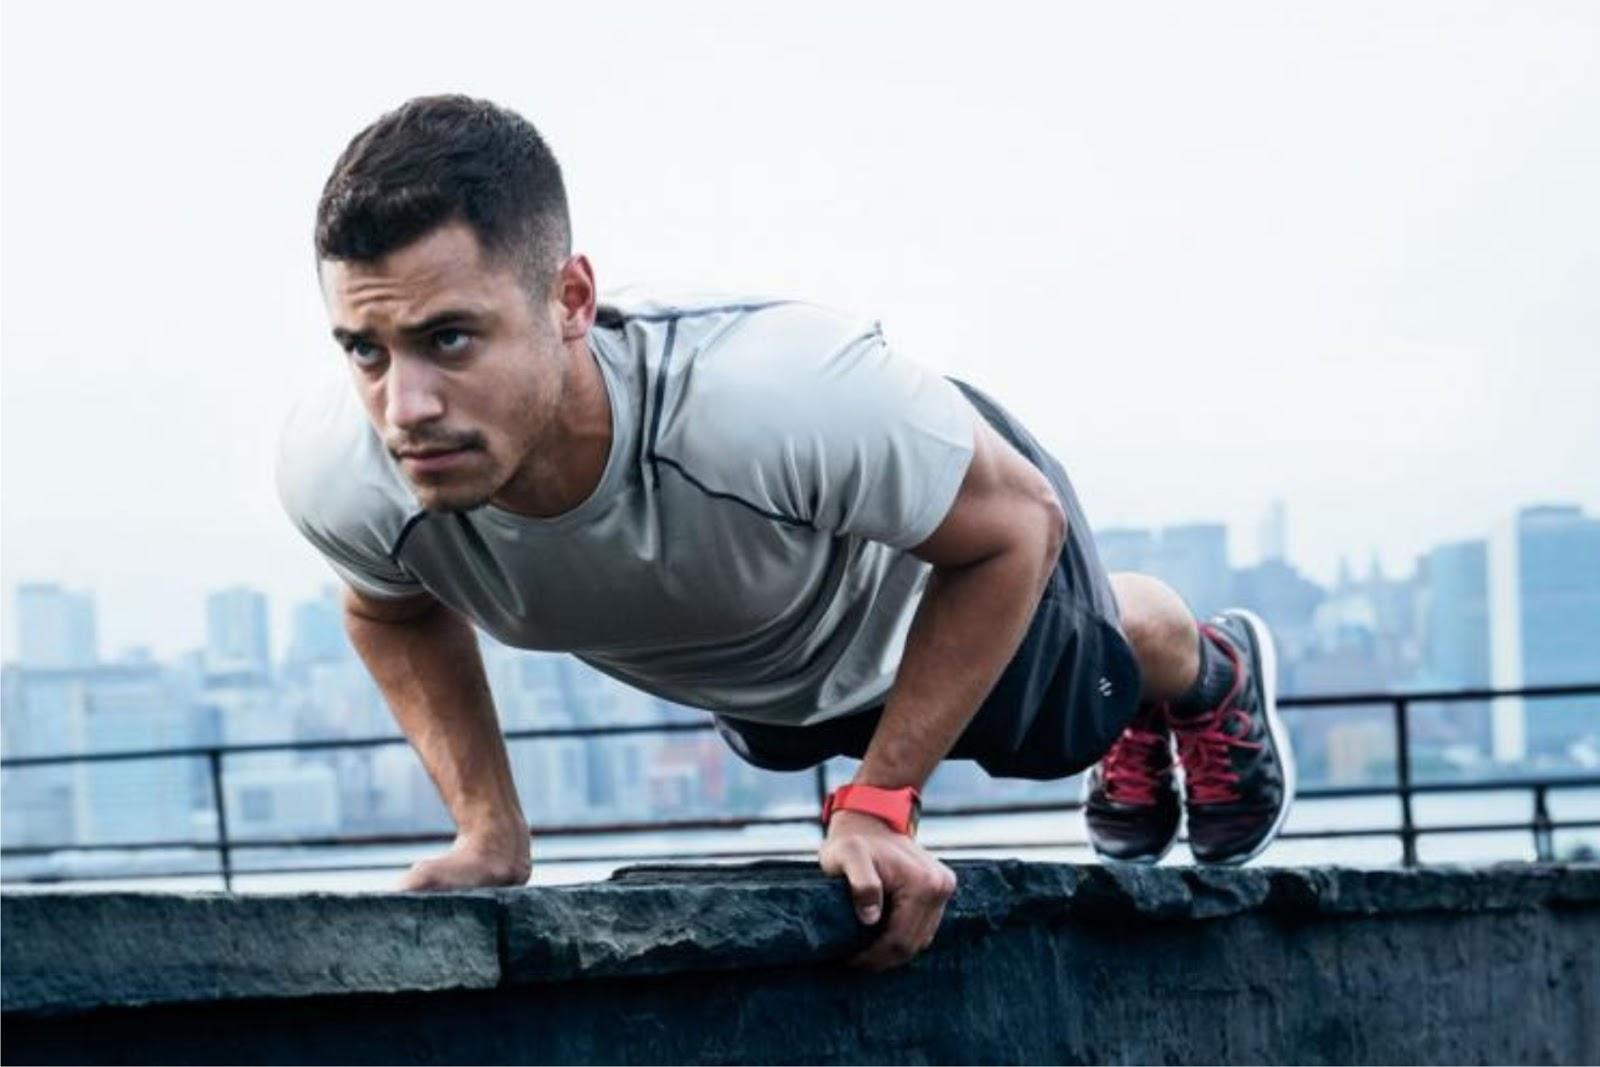 Manfaat Push Up dan Plank Bagi Kesehatan Kita